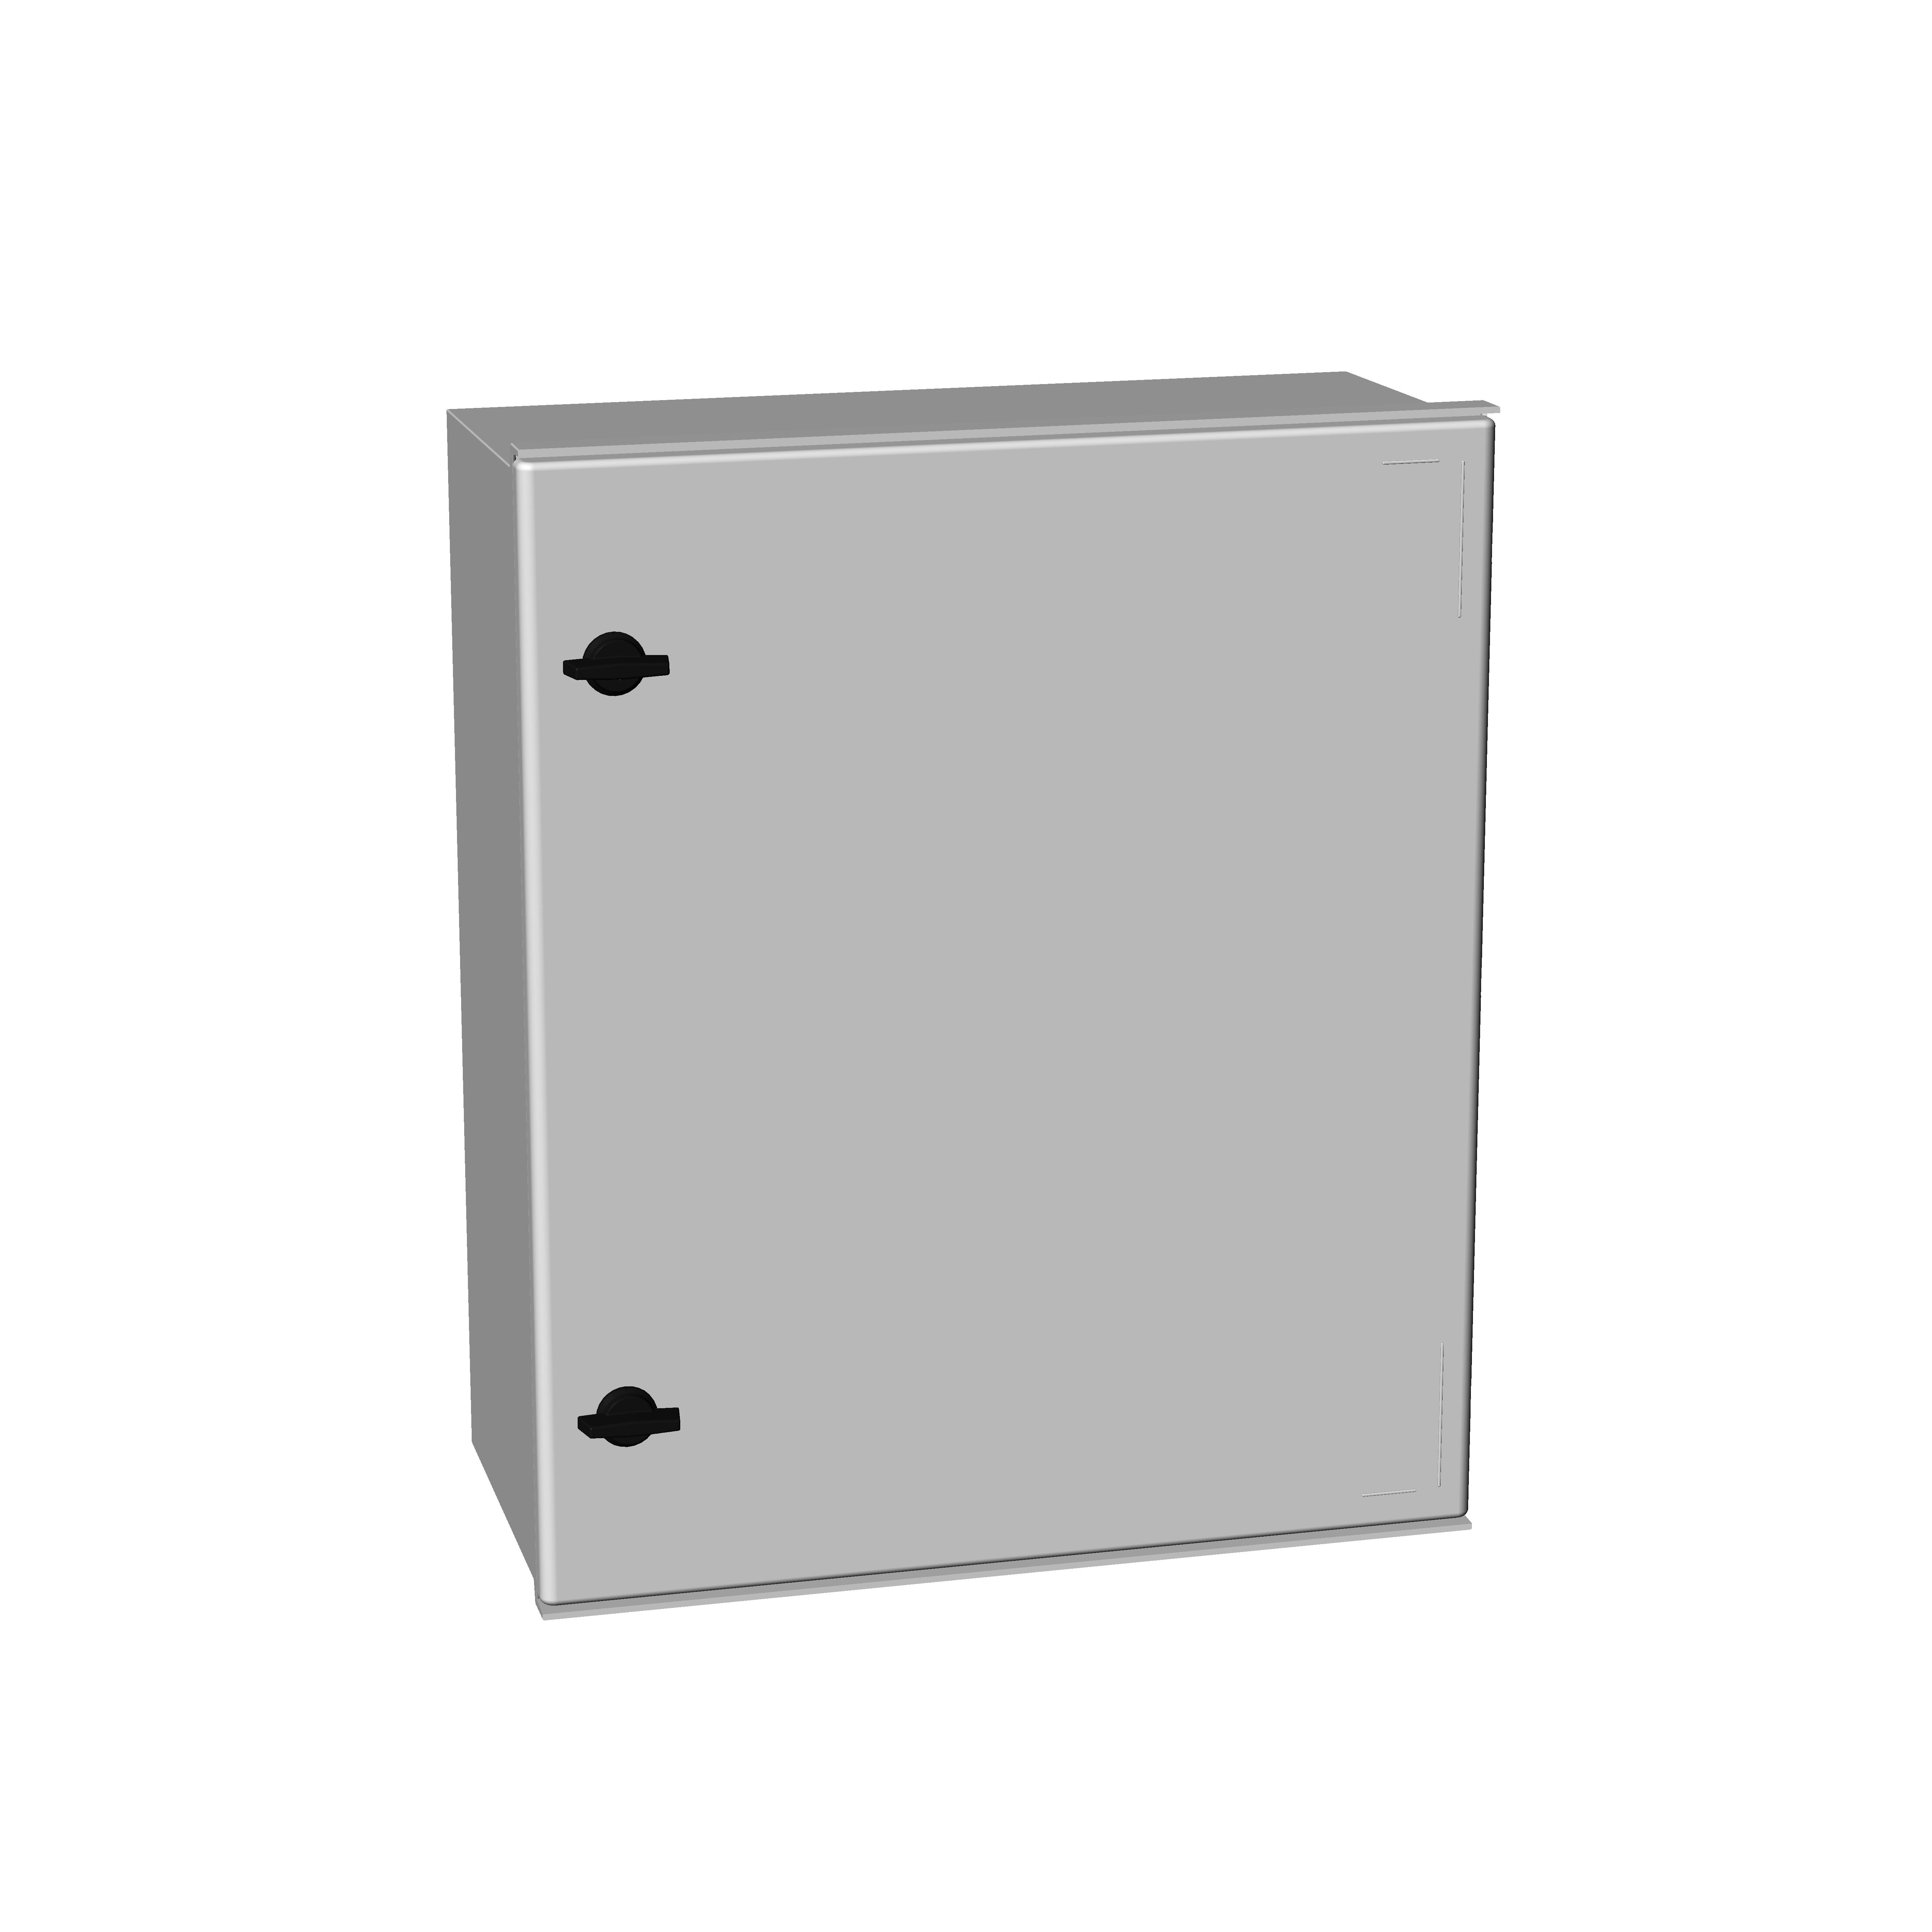 1 Stk Polyester-Wandschrank MINI 600x500x230mm IM008865--